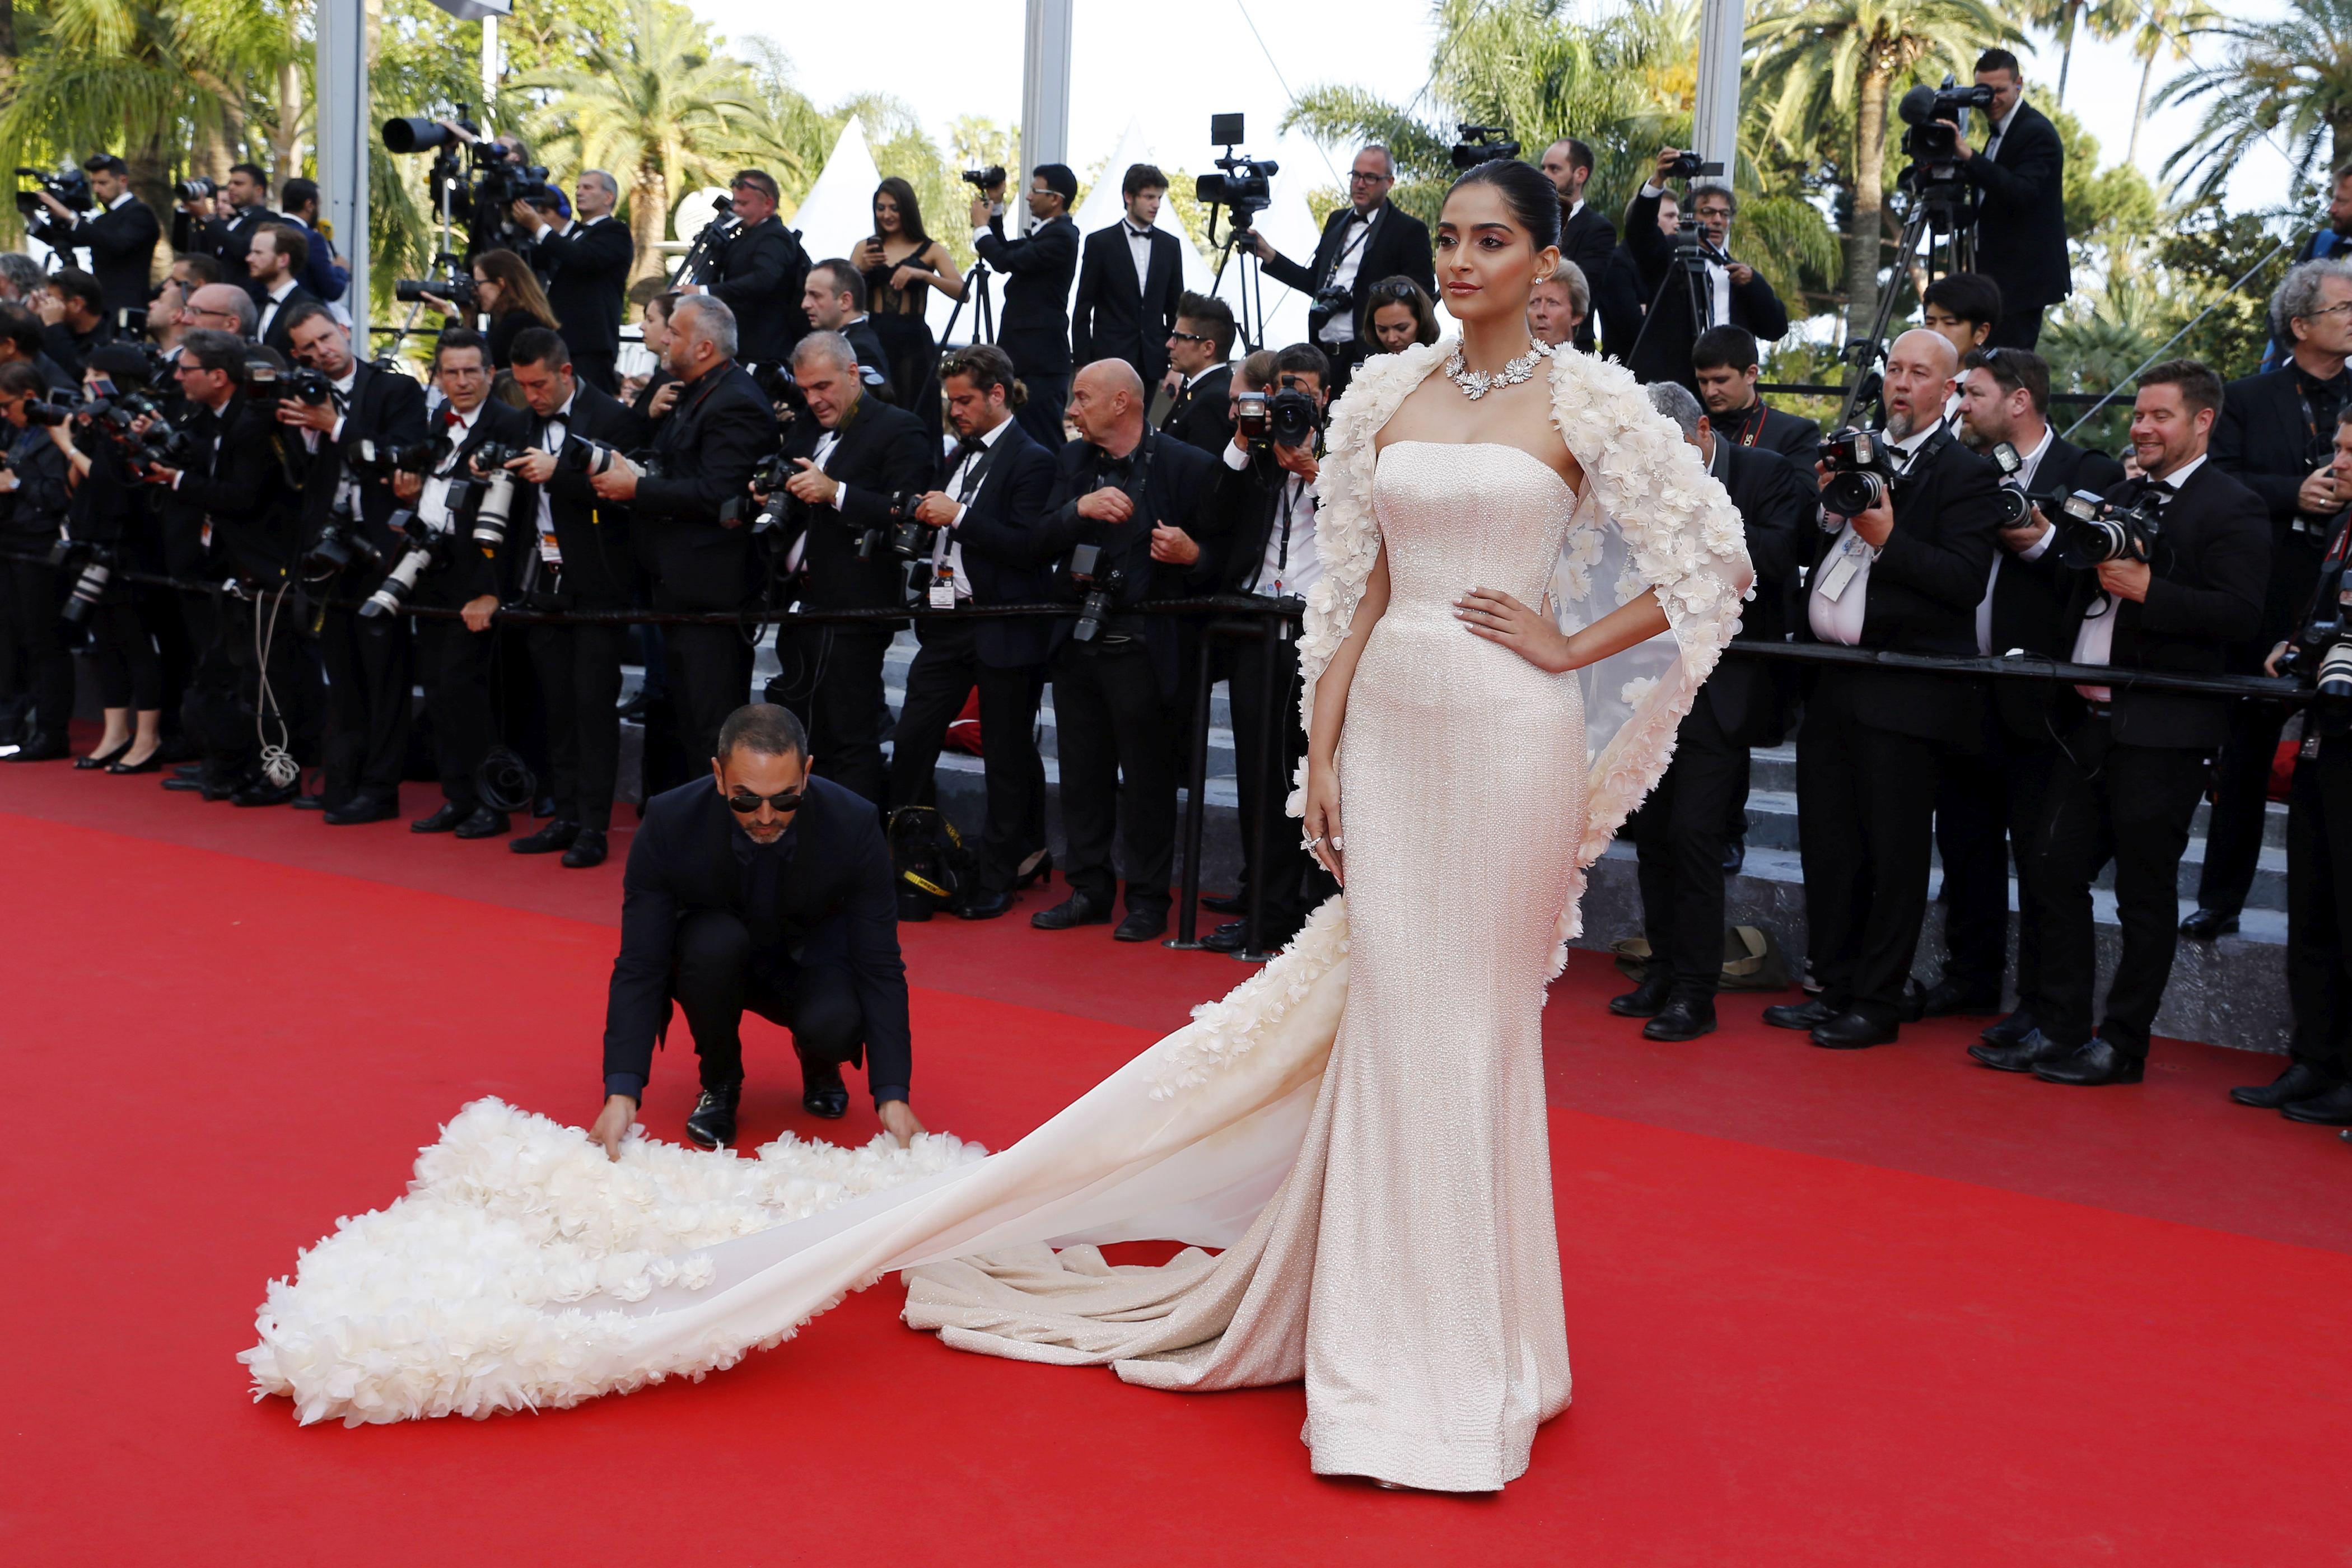 Celebrități ce au purtat rochii de mireasă pe covorul roșu